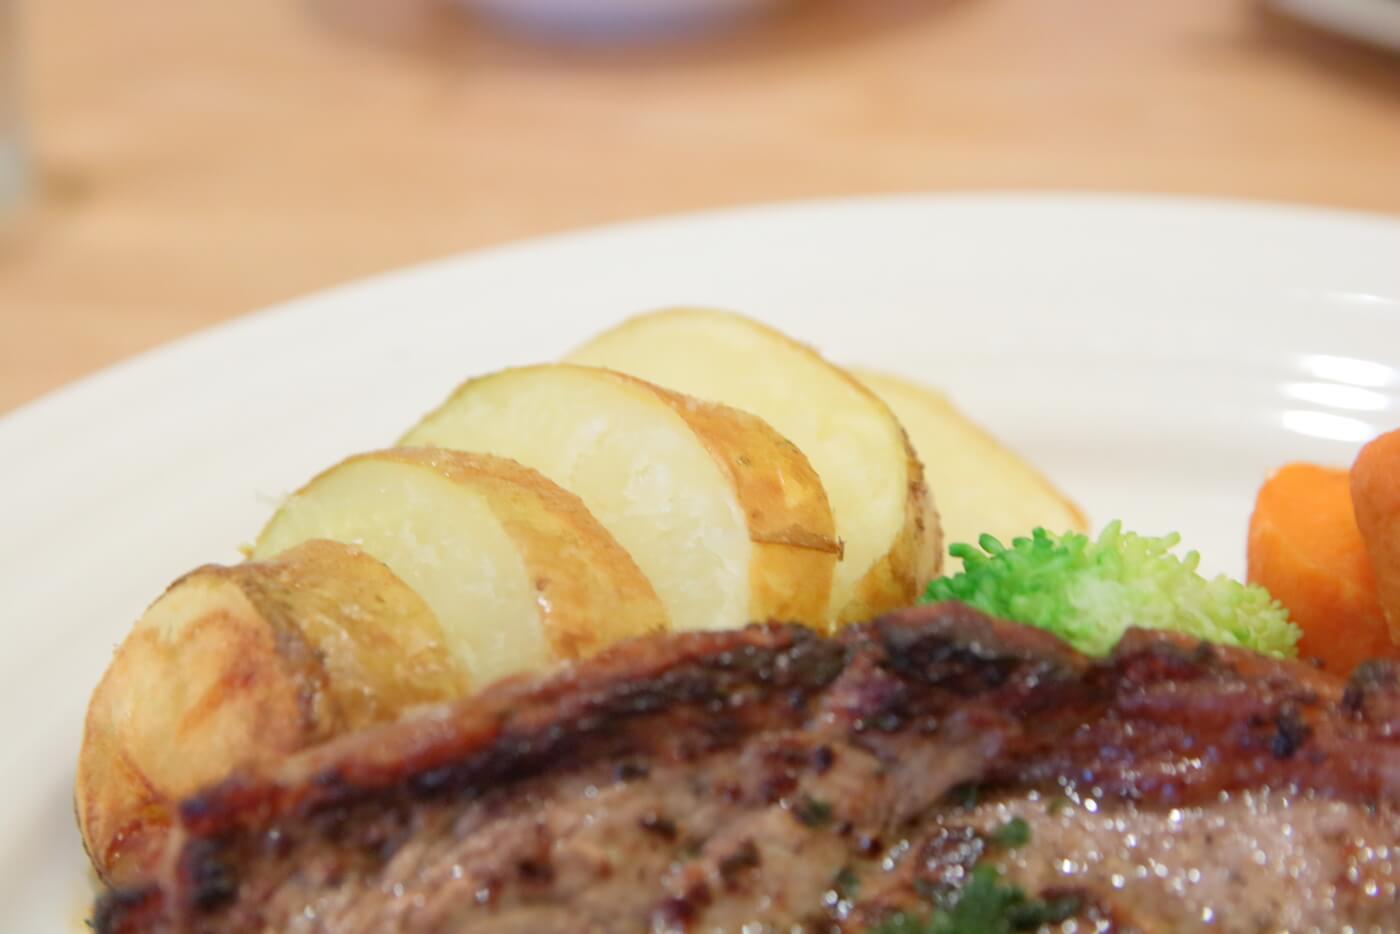 高知・南国市のレストランnoiのランチB シャリアピンステーキ 付け合わせのポテト